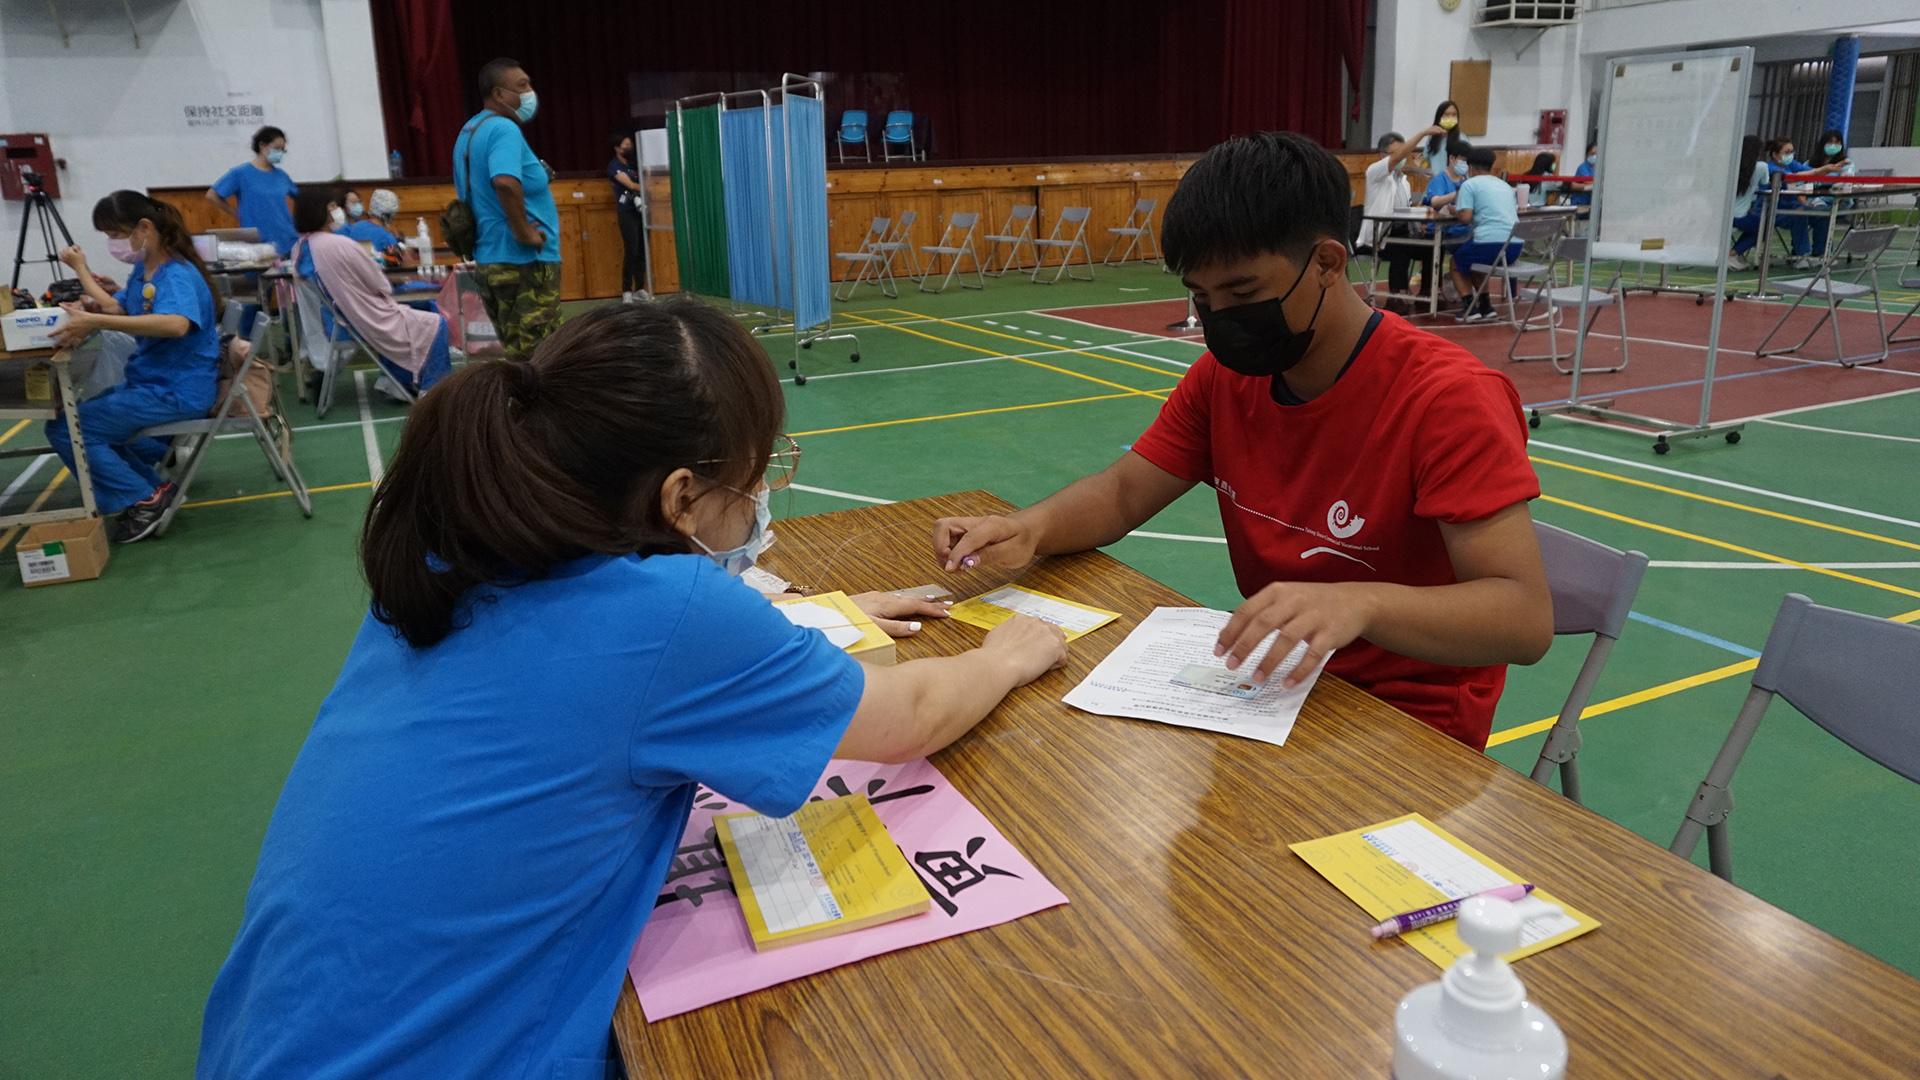 接種BNT疫苗的黃禹燁同學說台積電、鴻海(永齡)、慈濟捐贈BNT疫苗,讓我們也可以安心接種疫苗。